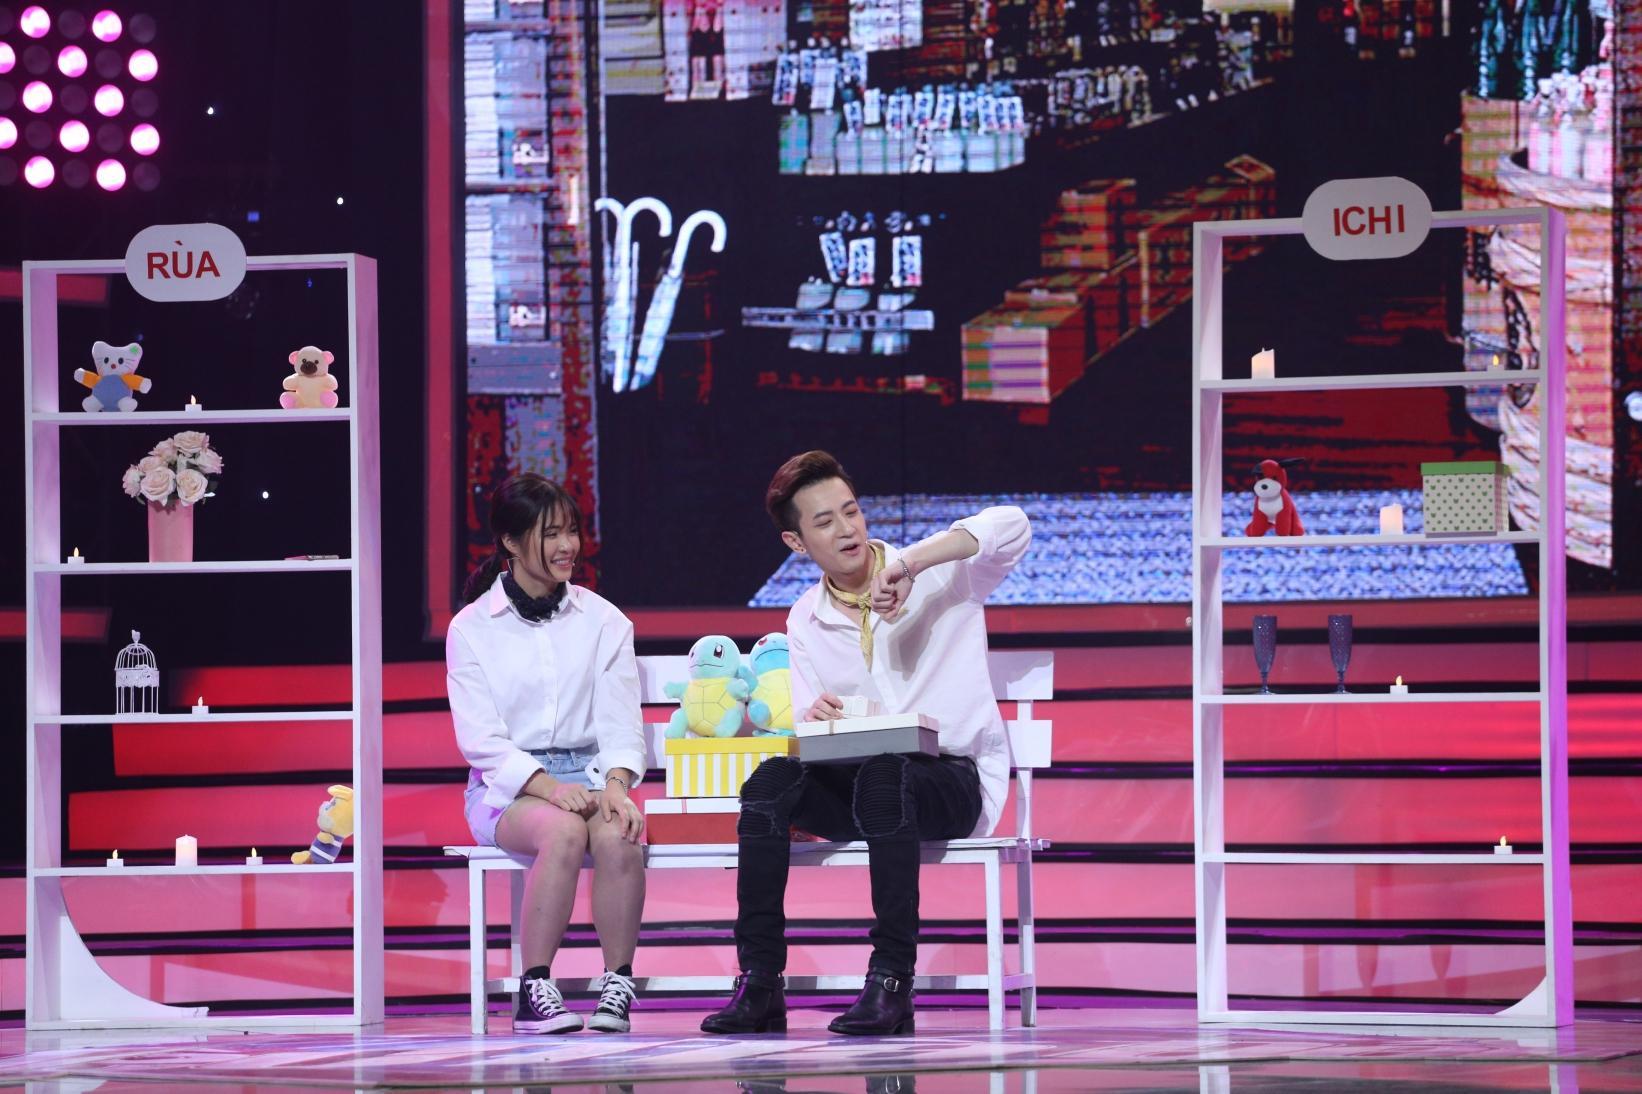 Bay từ Hàn Quốc về tỏ tình với Phí Ngọc Hưng, vậy mà cô gái này nhát đến nỗi không dám đọc kết quả-5